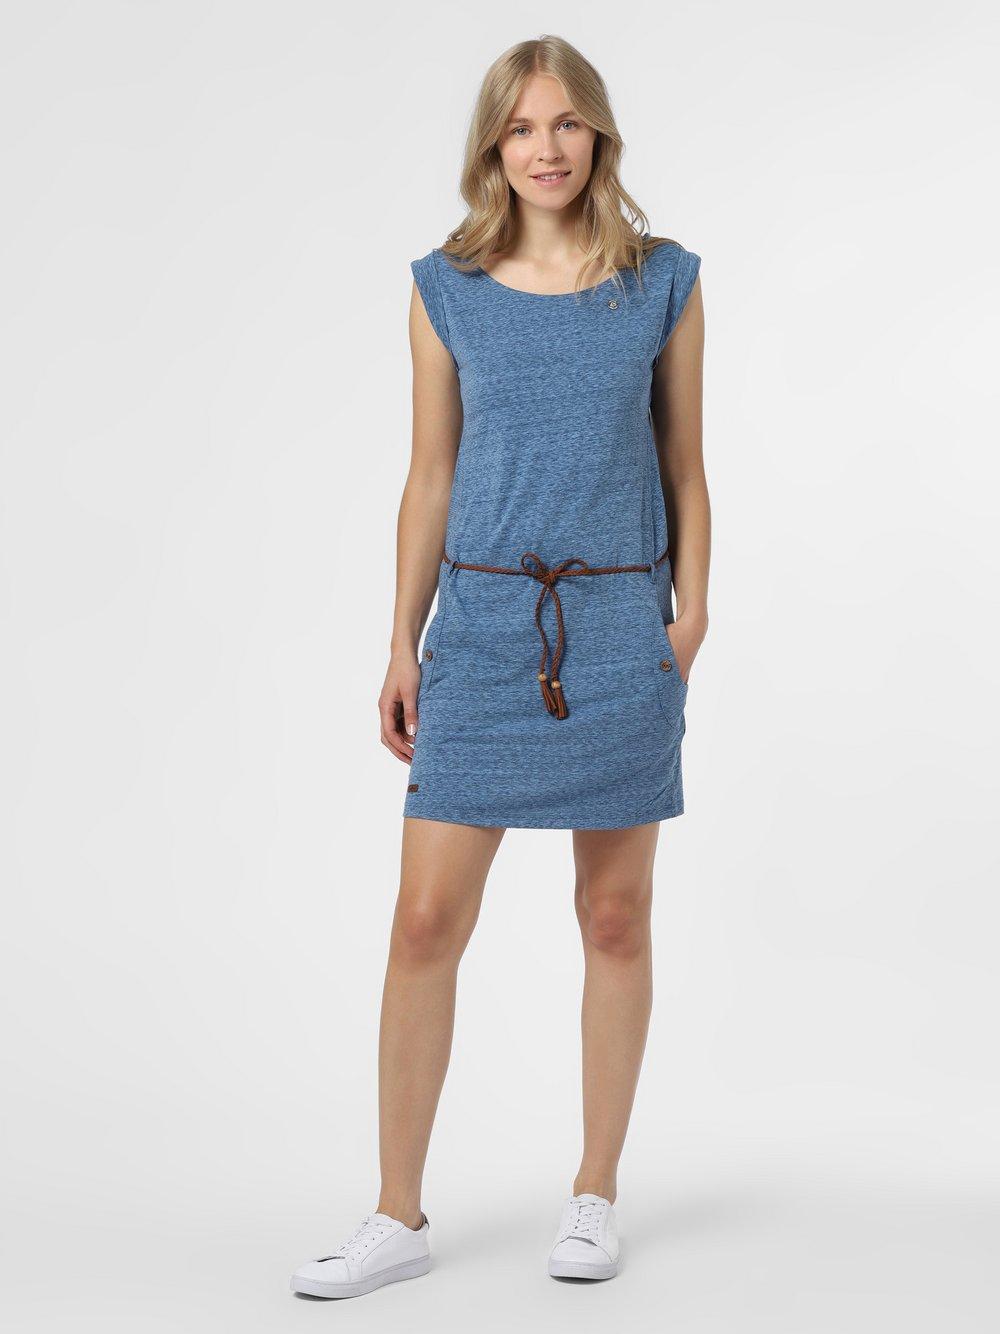 Ragwear – Damska sukienka – Tag, niebieski Van Graaf 475049-0001-09900